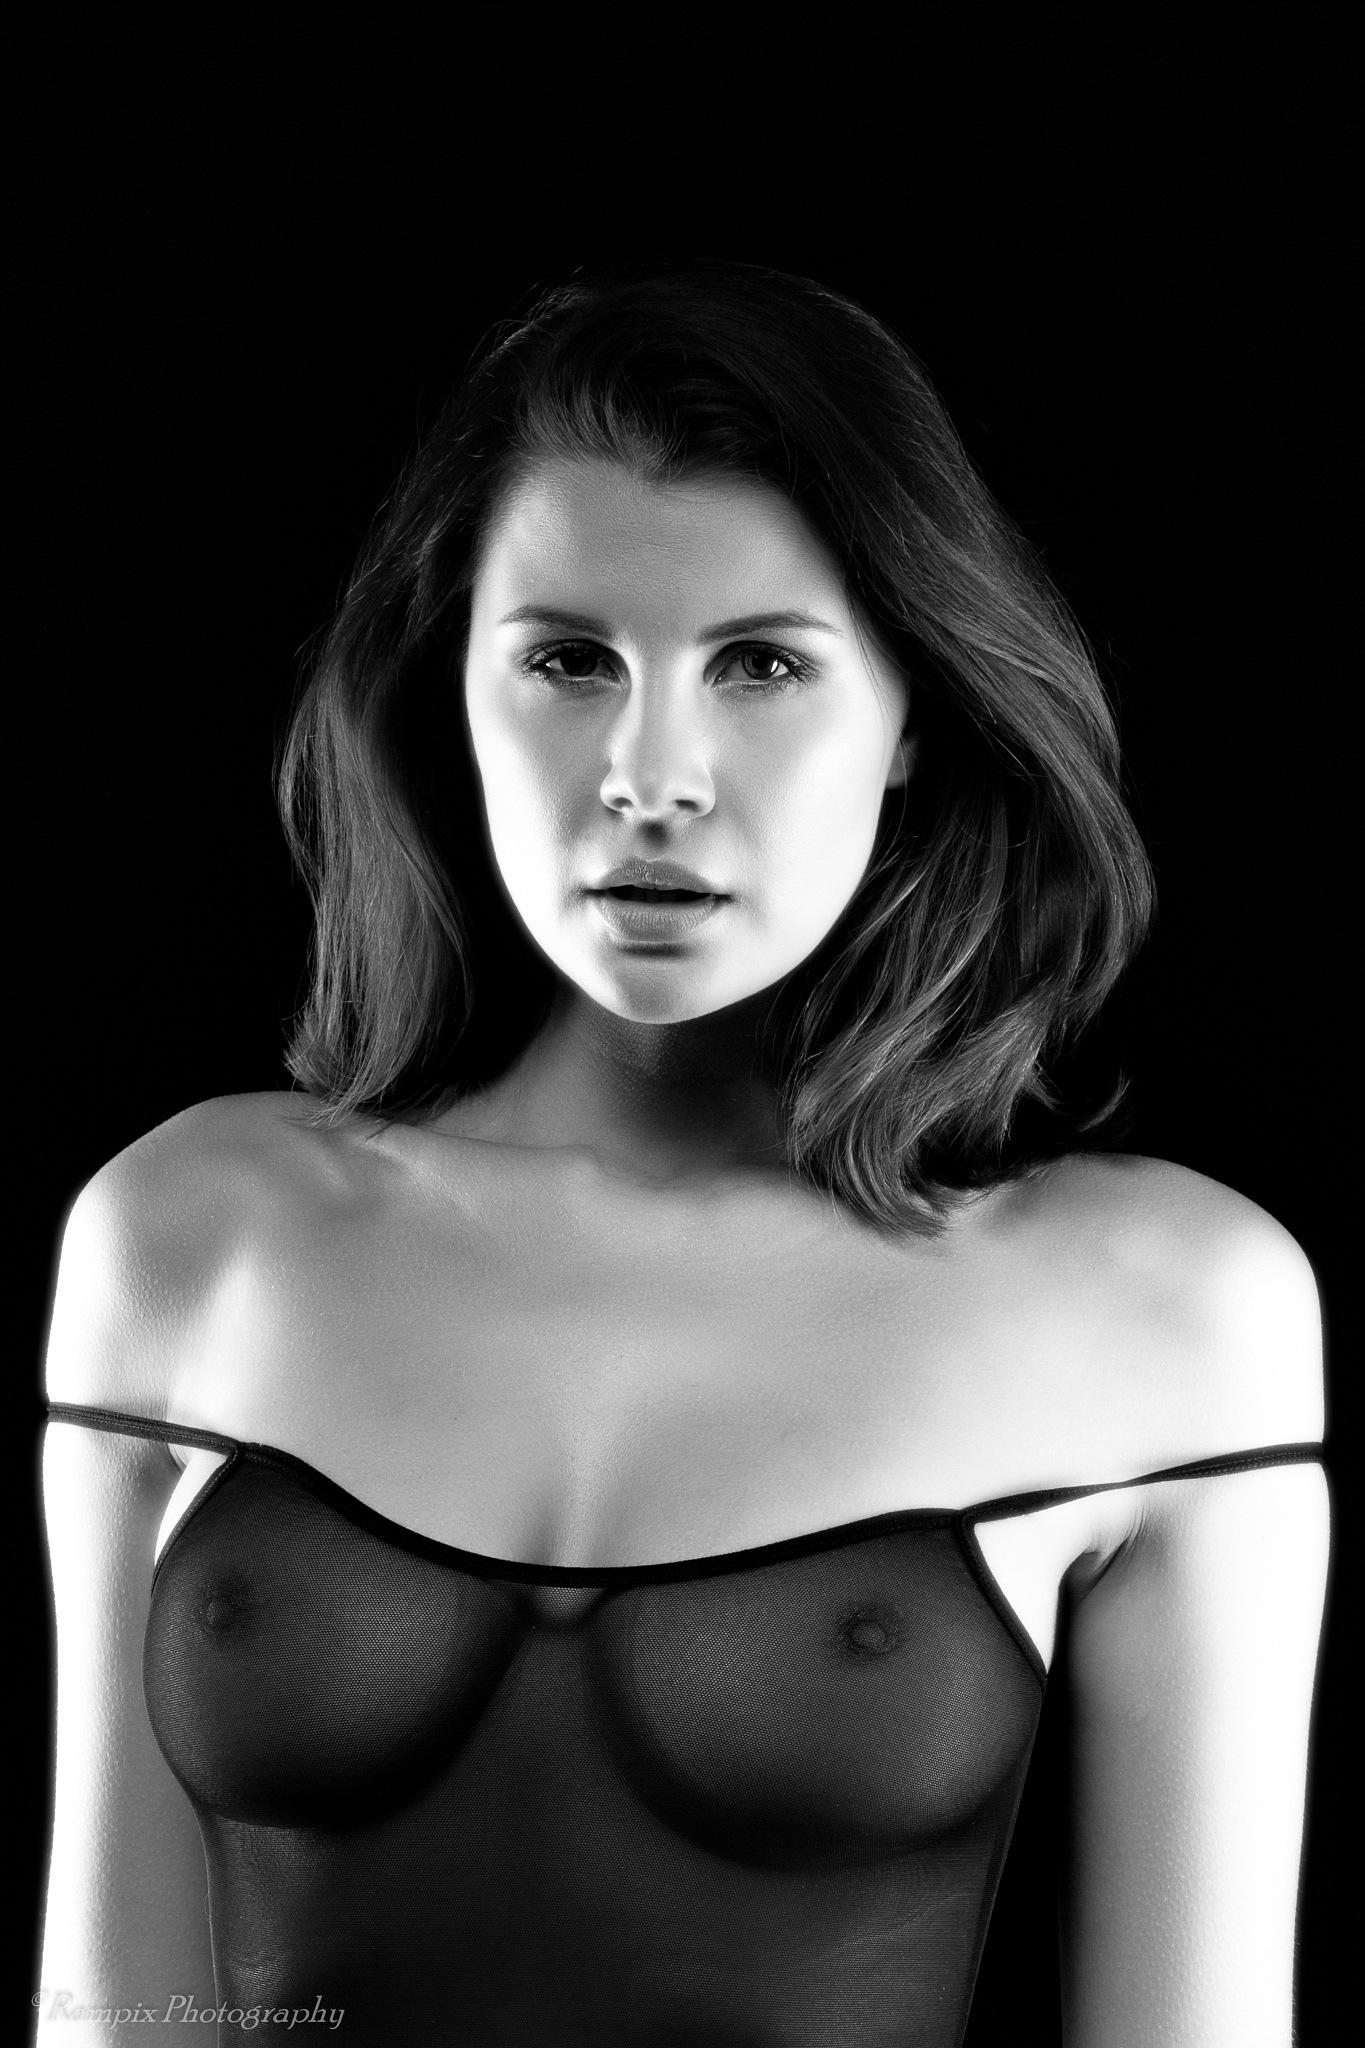 Olga Maria Kaminska by Rampix